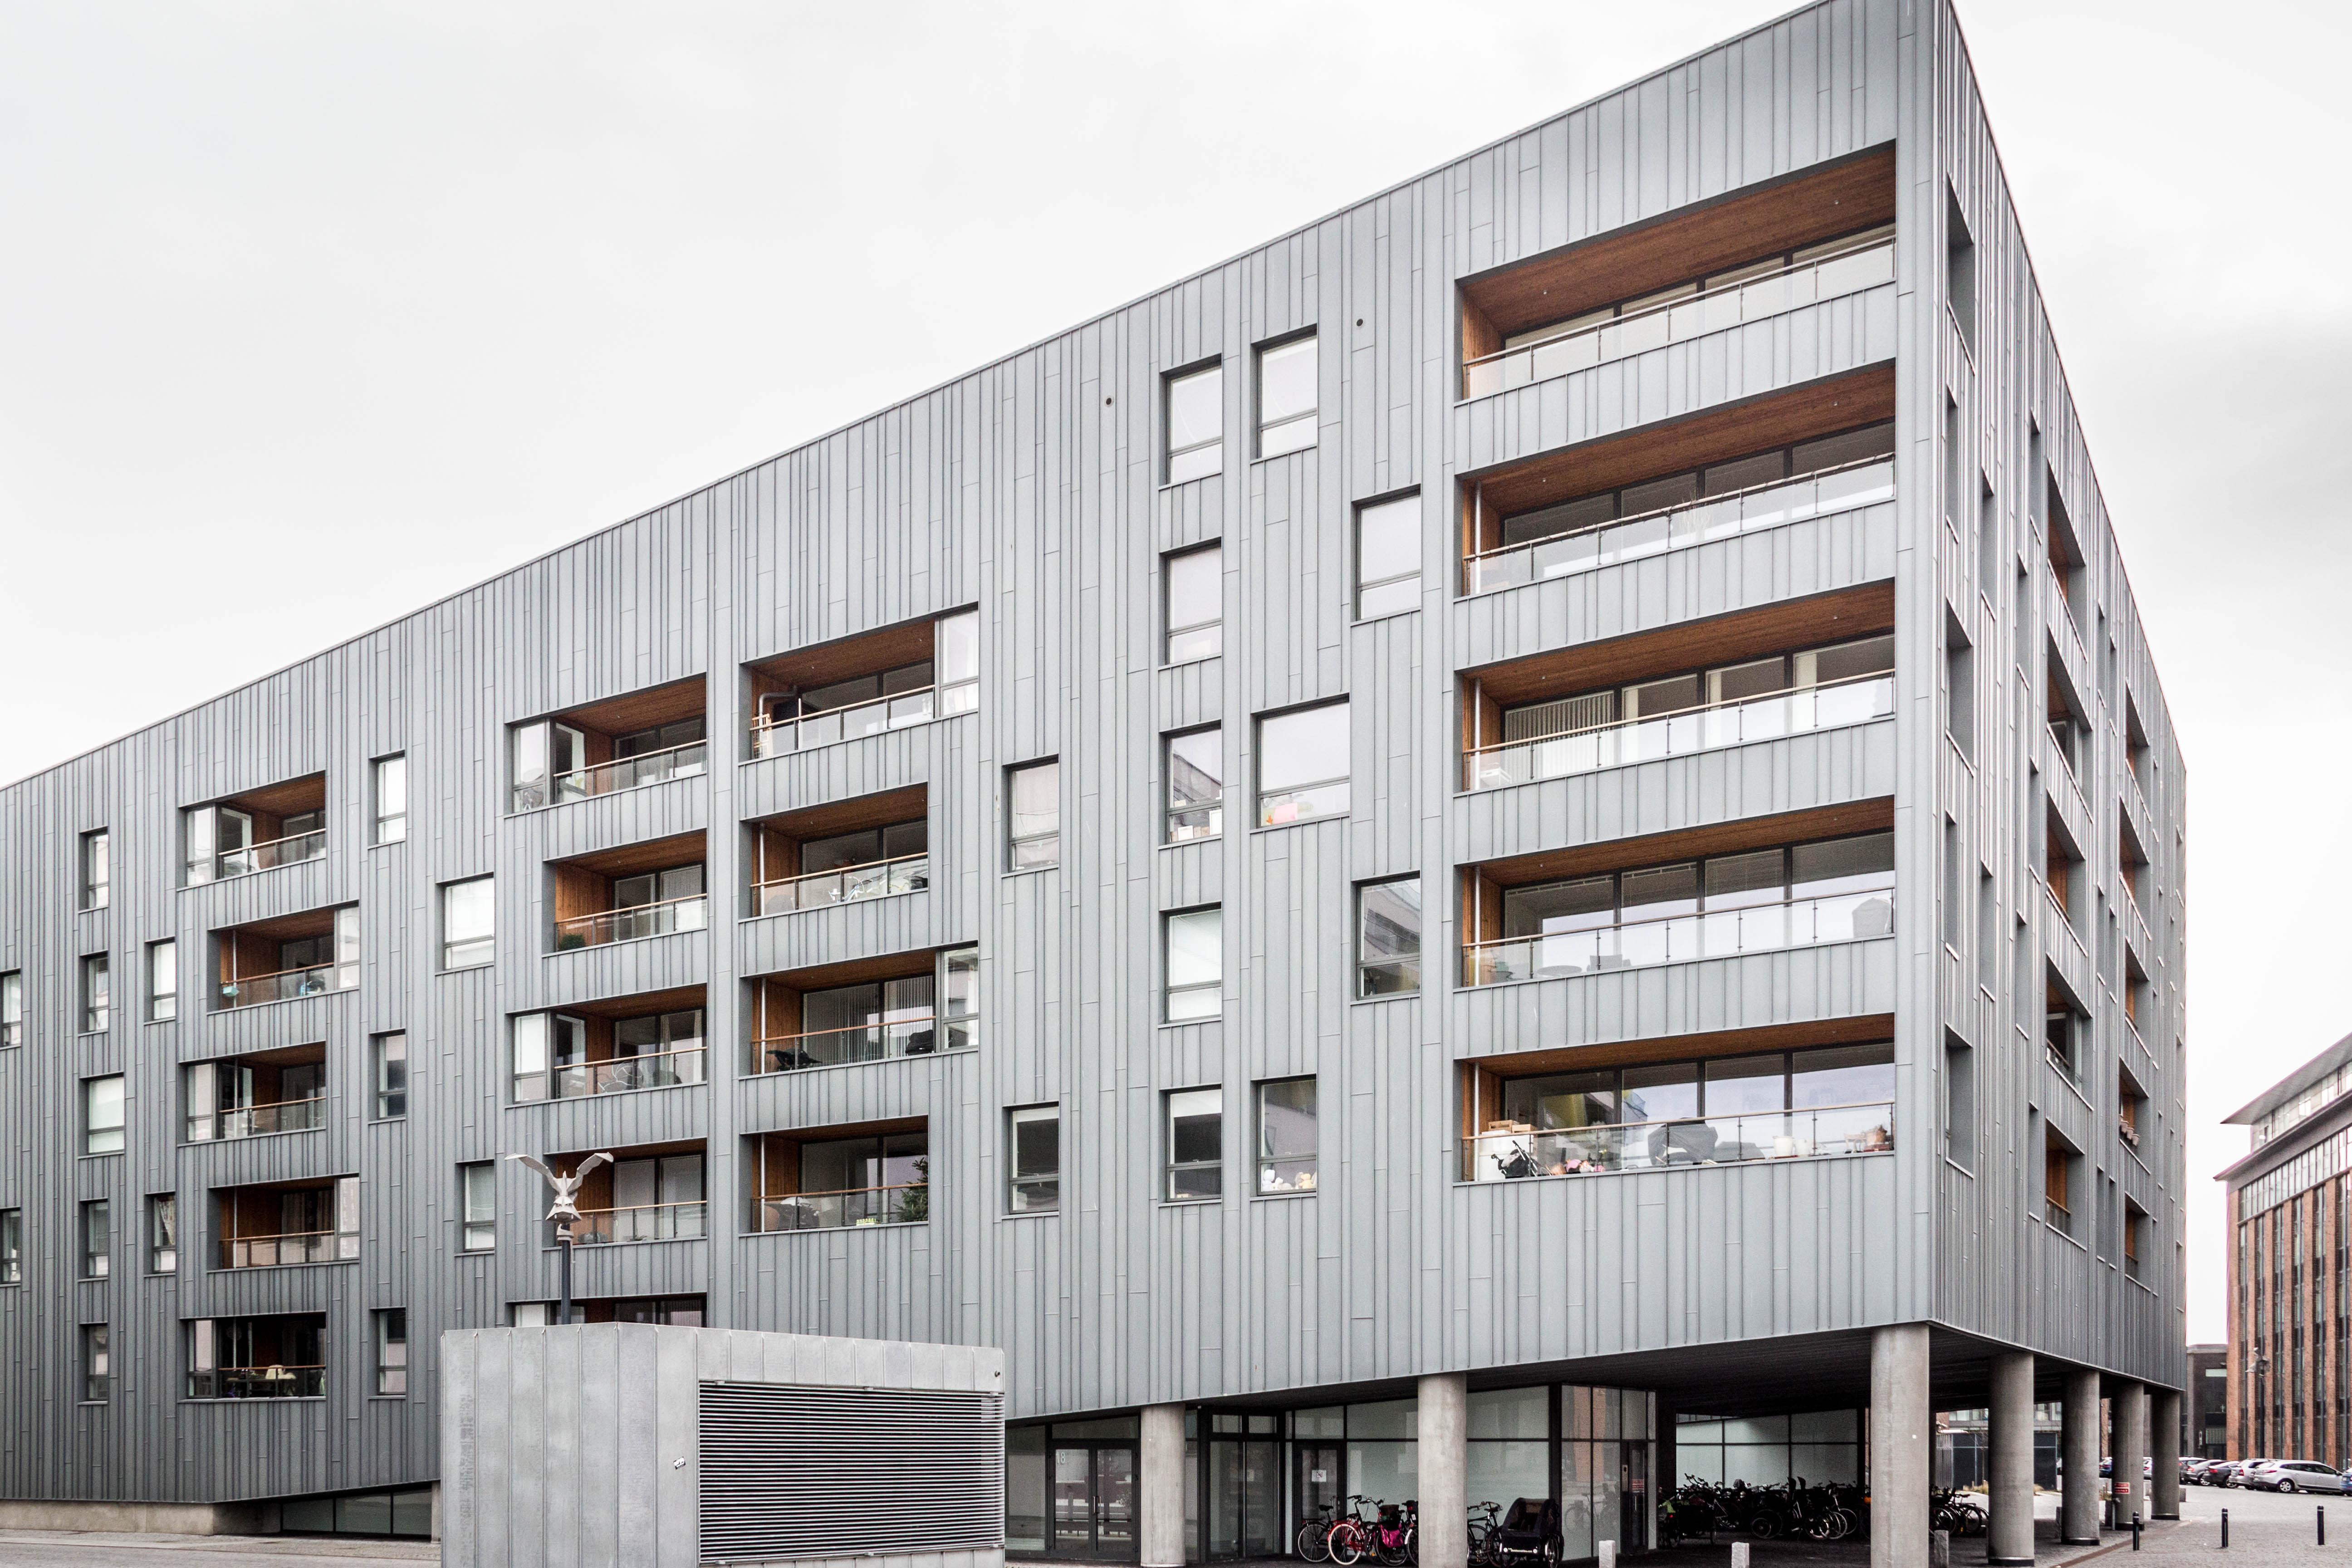 Hintergrundbilder : die Architektur, Gebäude, Innenarchitektur ...